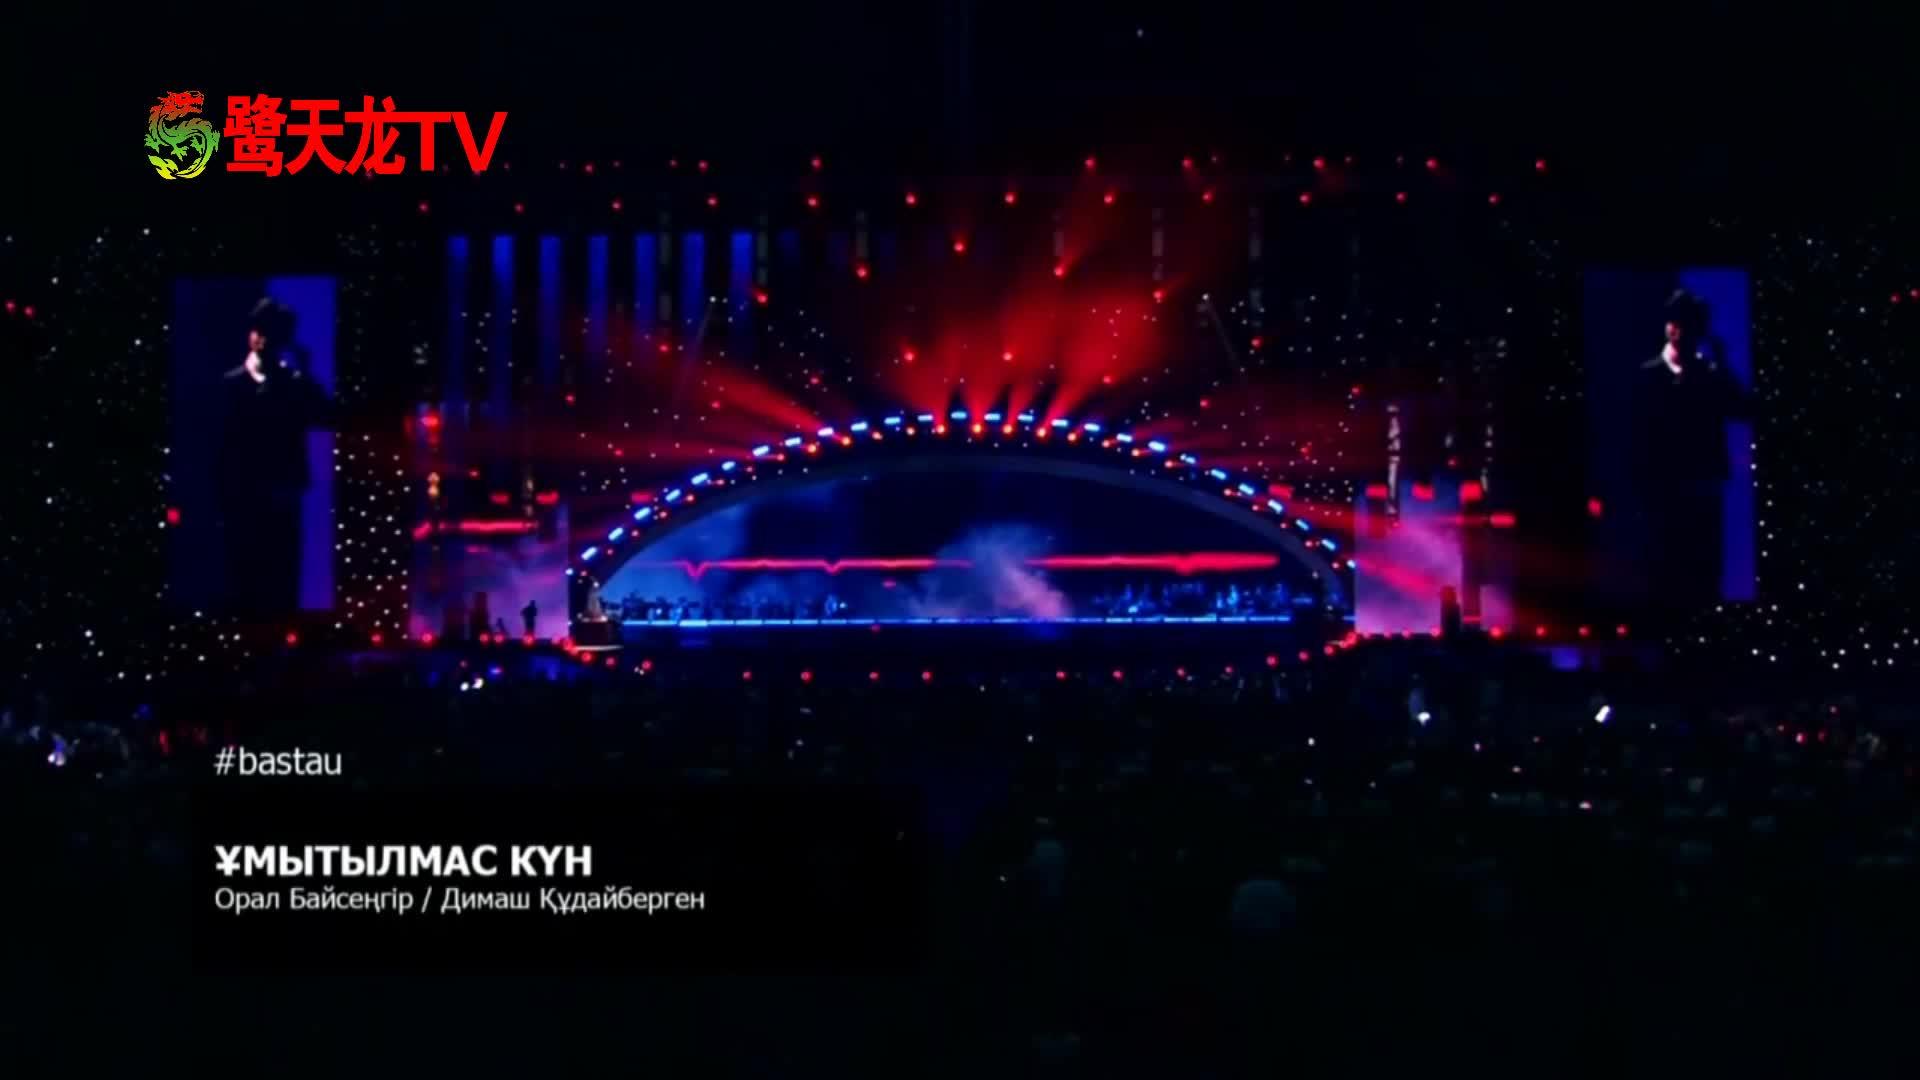 2017迪玛希bastau演唱会:迪玛希《难忘的一天》